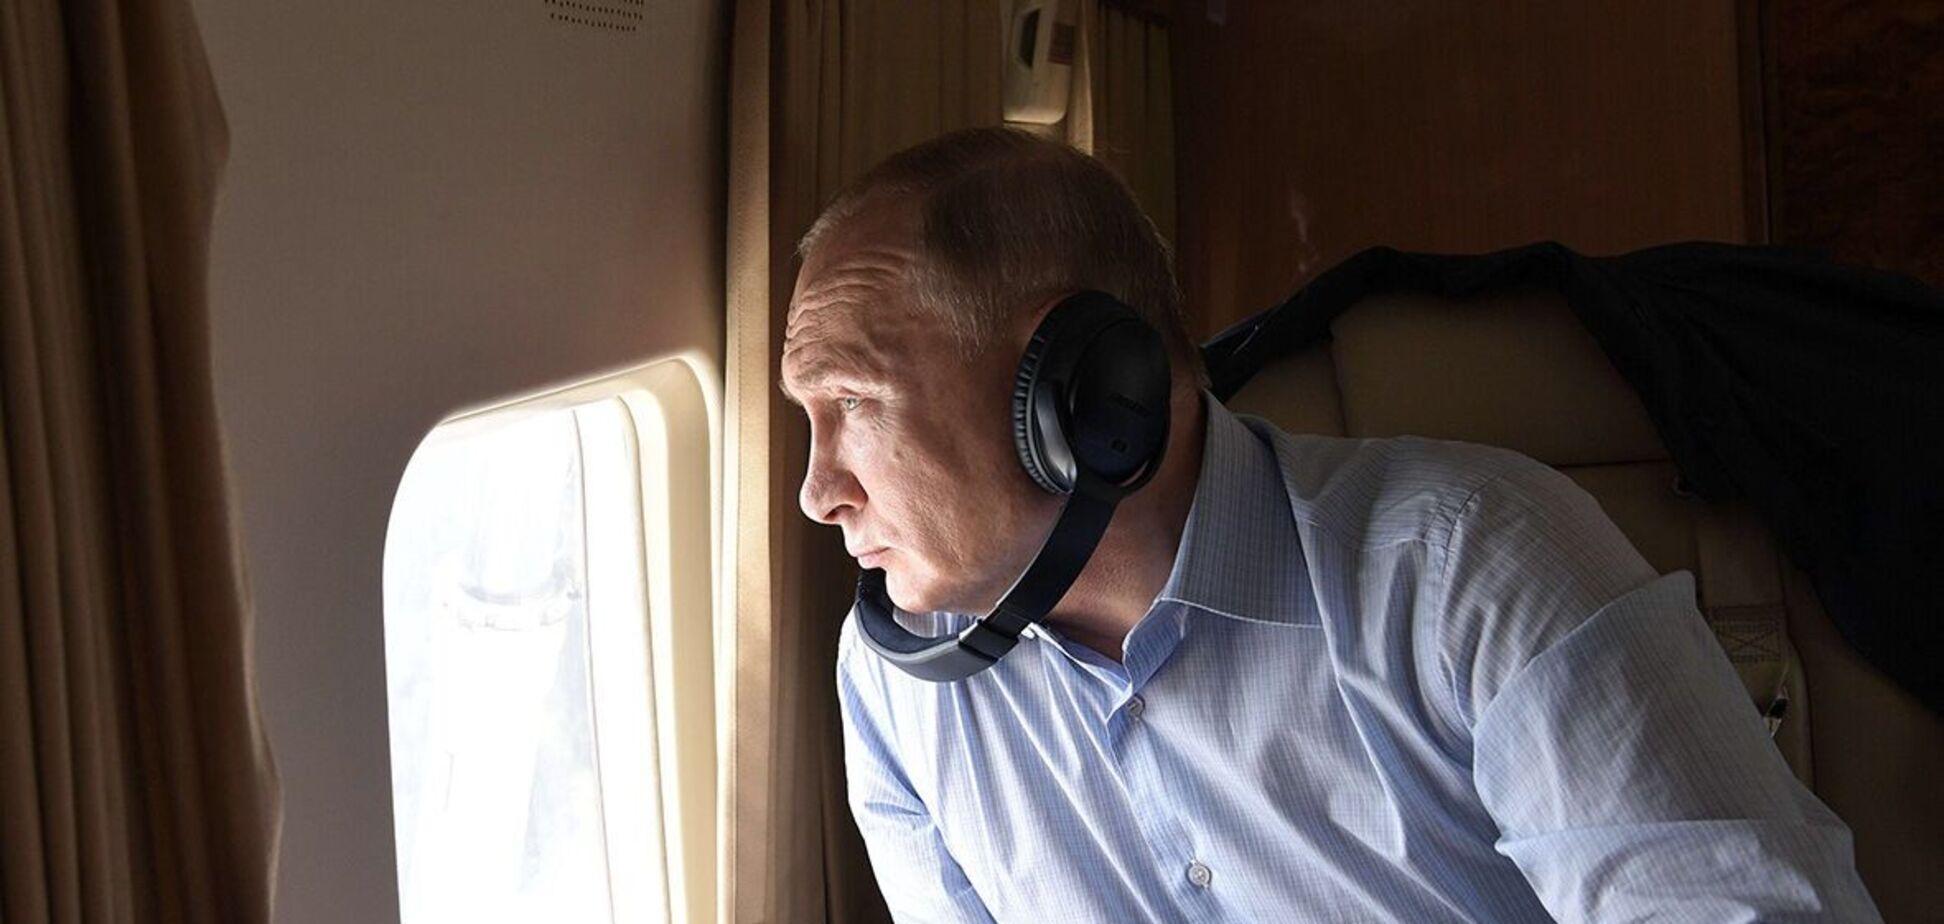 Самолет президента РФ приземлился в аэропорту Женевы